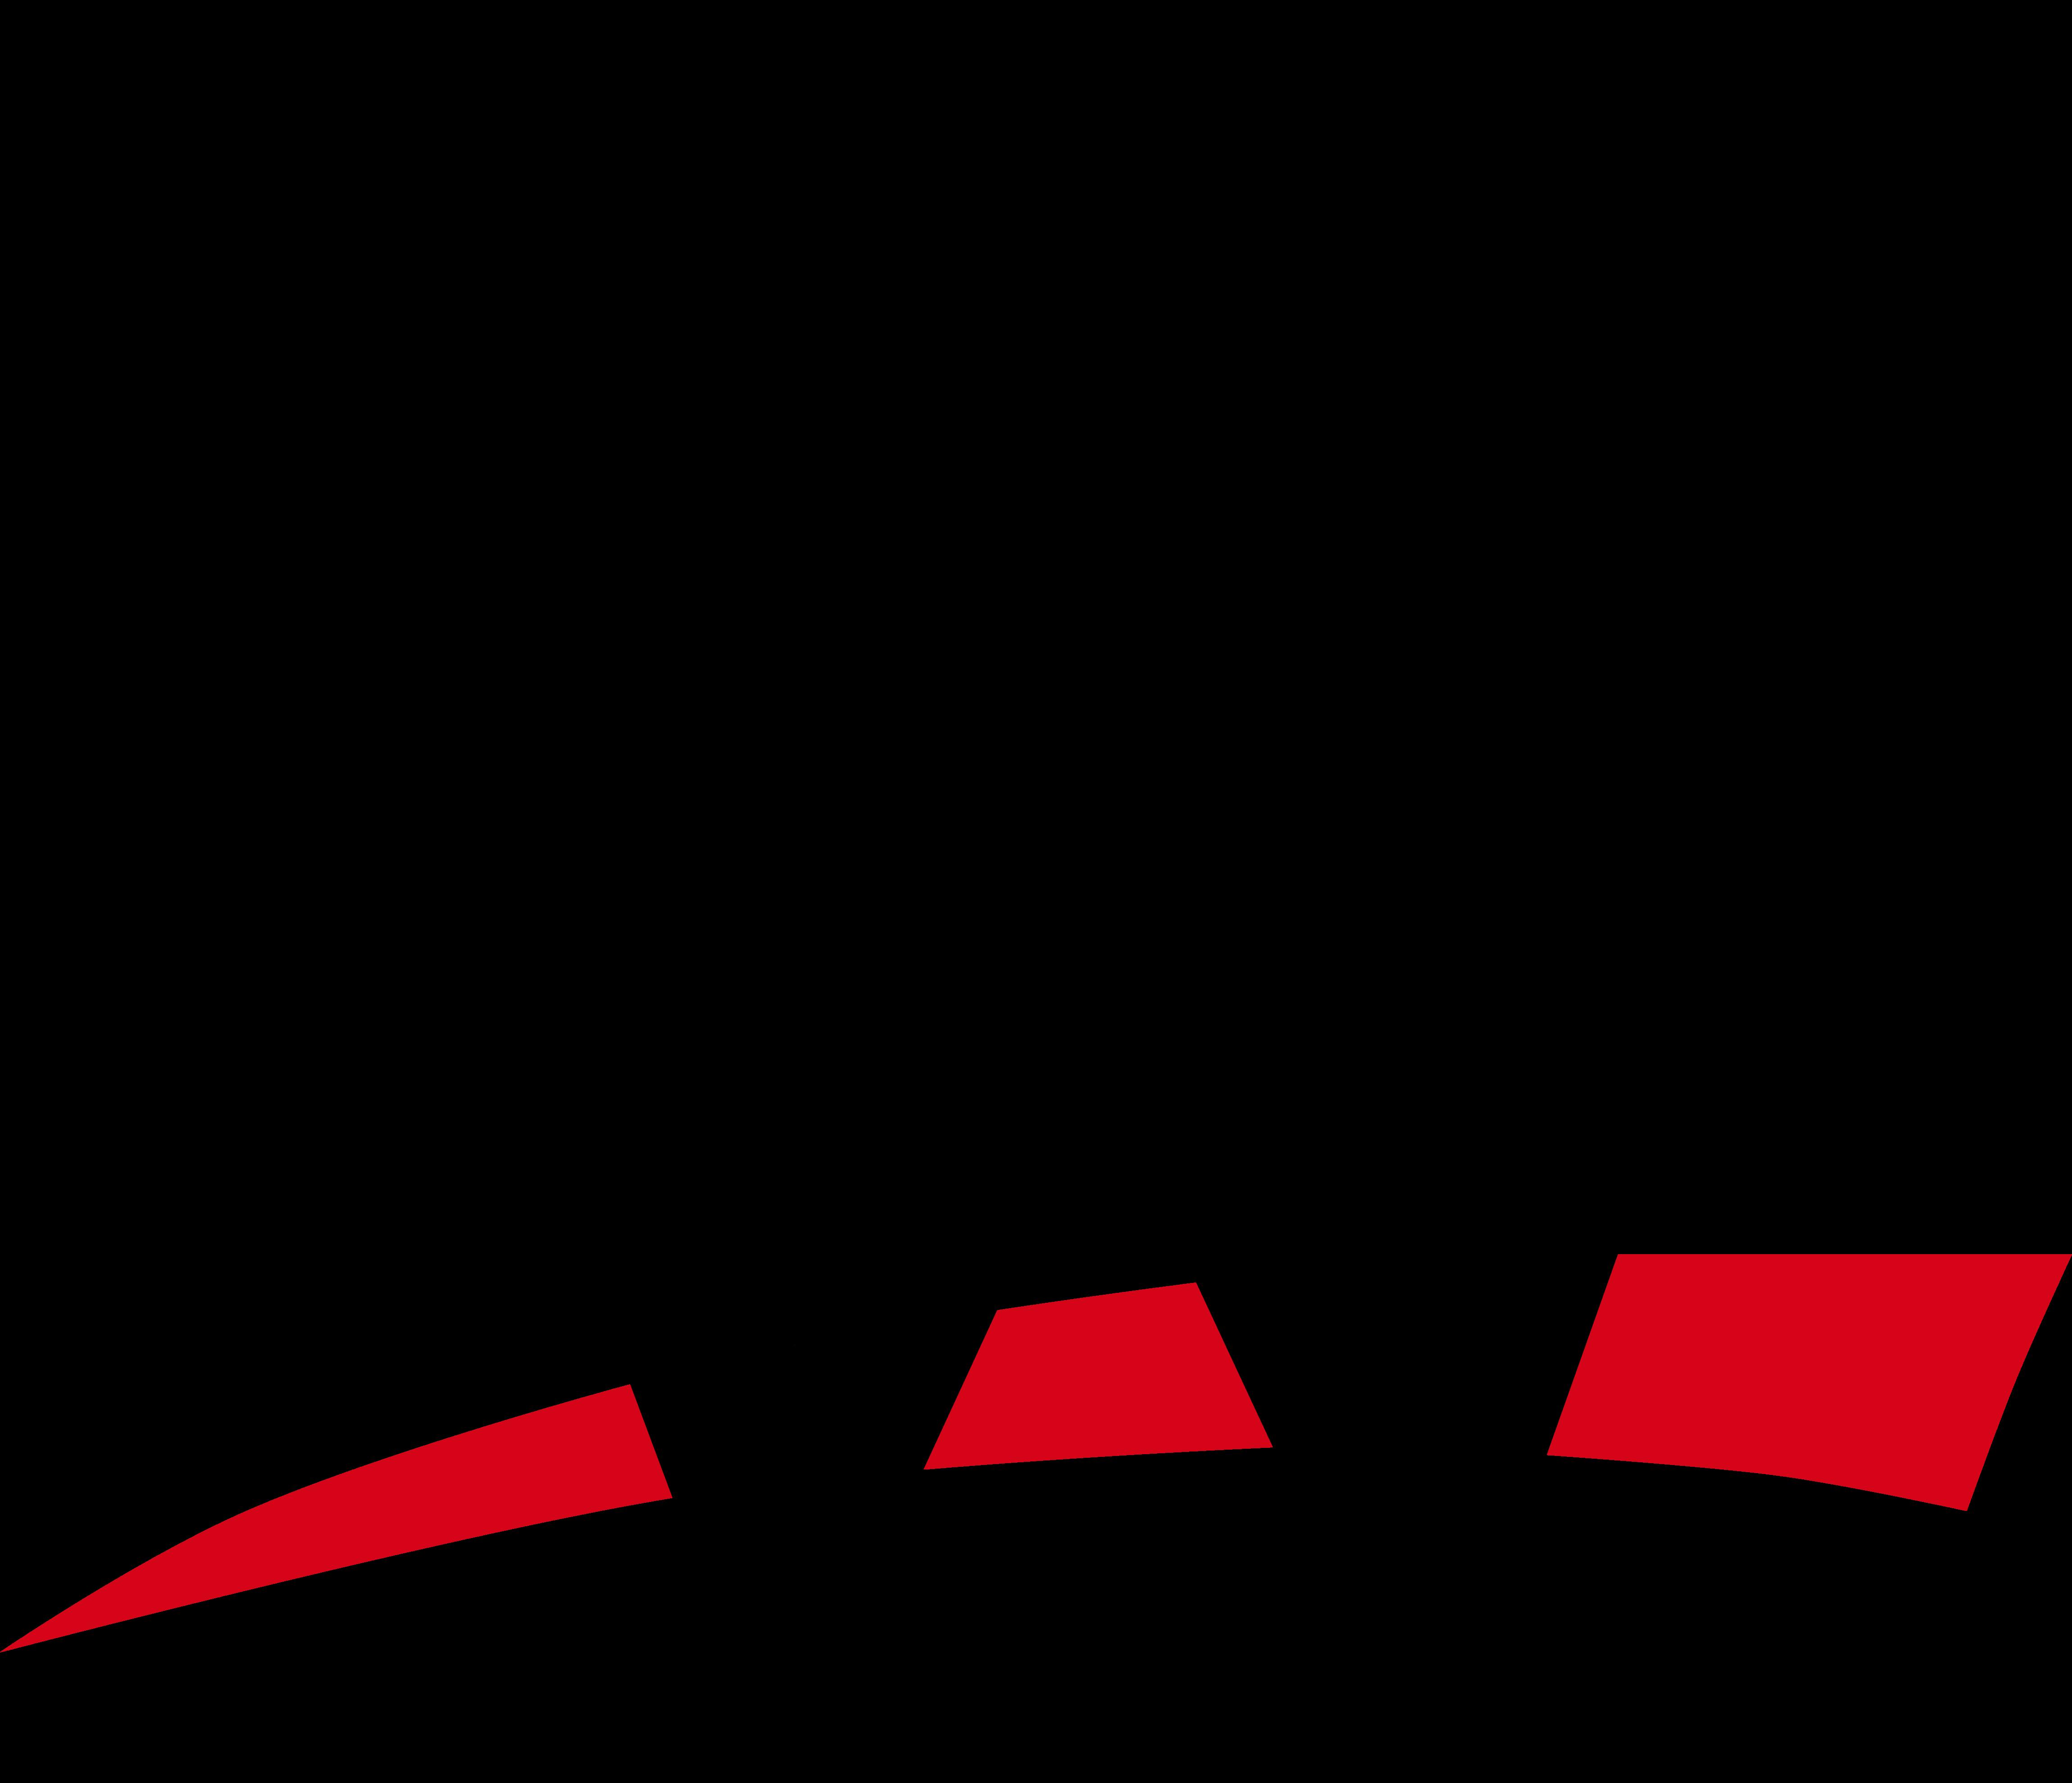 Wwe Logo Black Png Wwe Logo Wwe Roman Reigns Logo